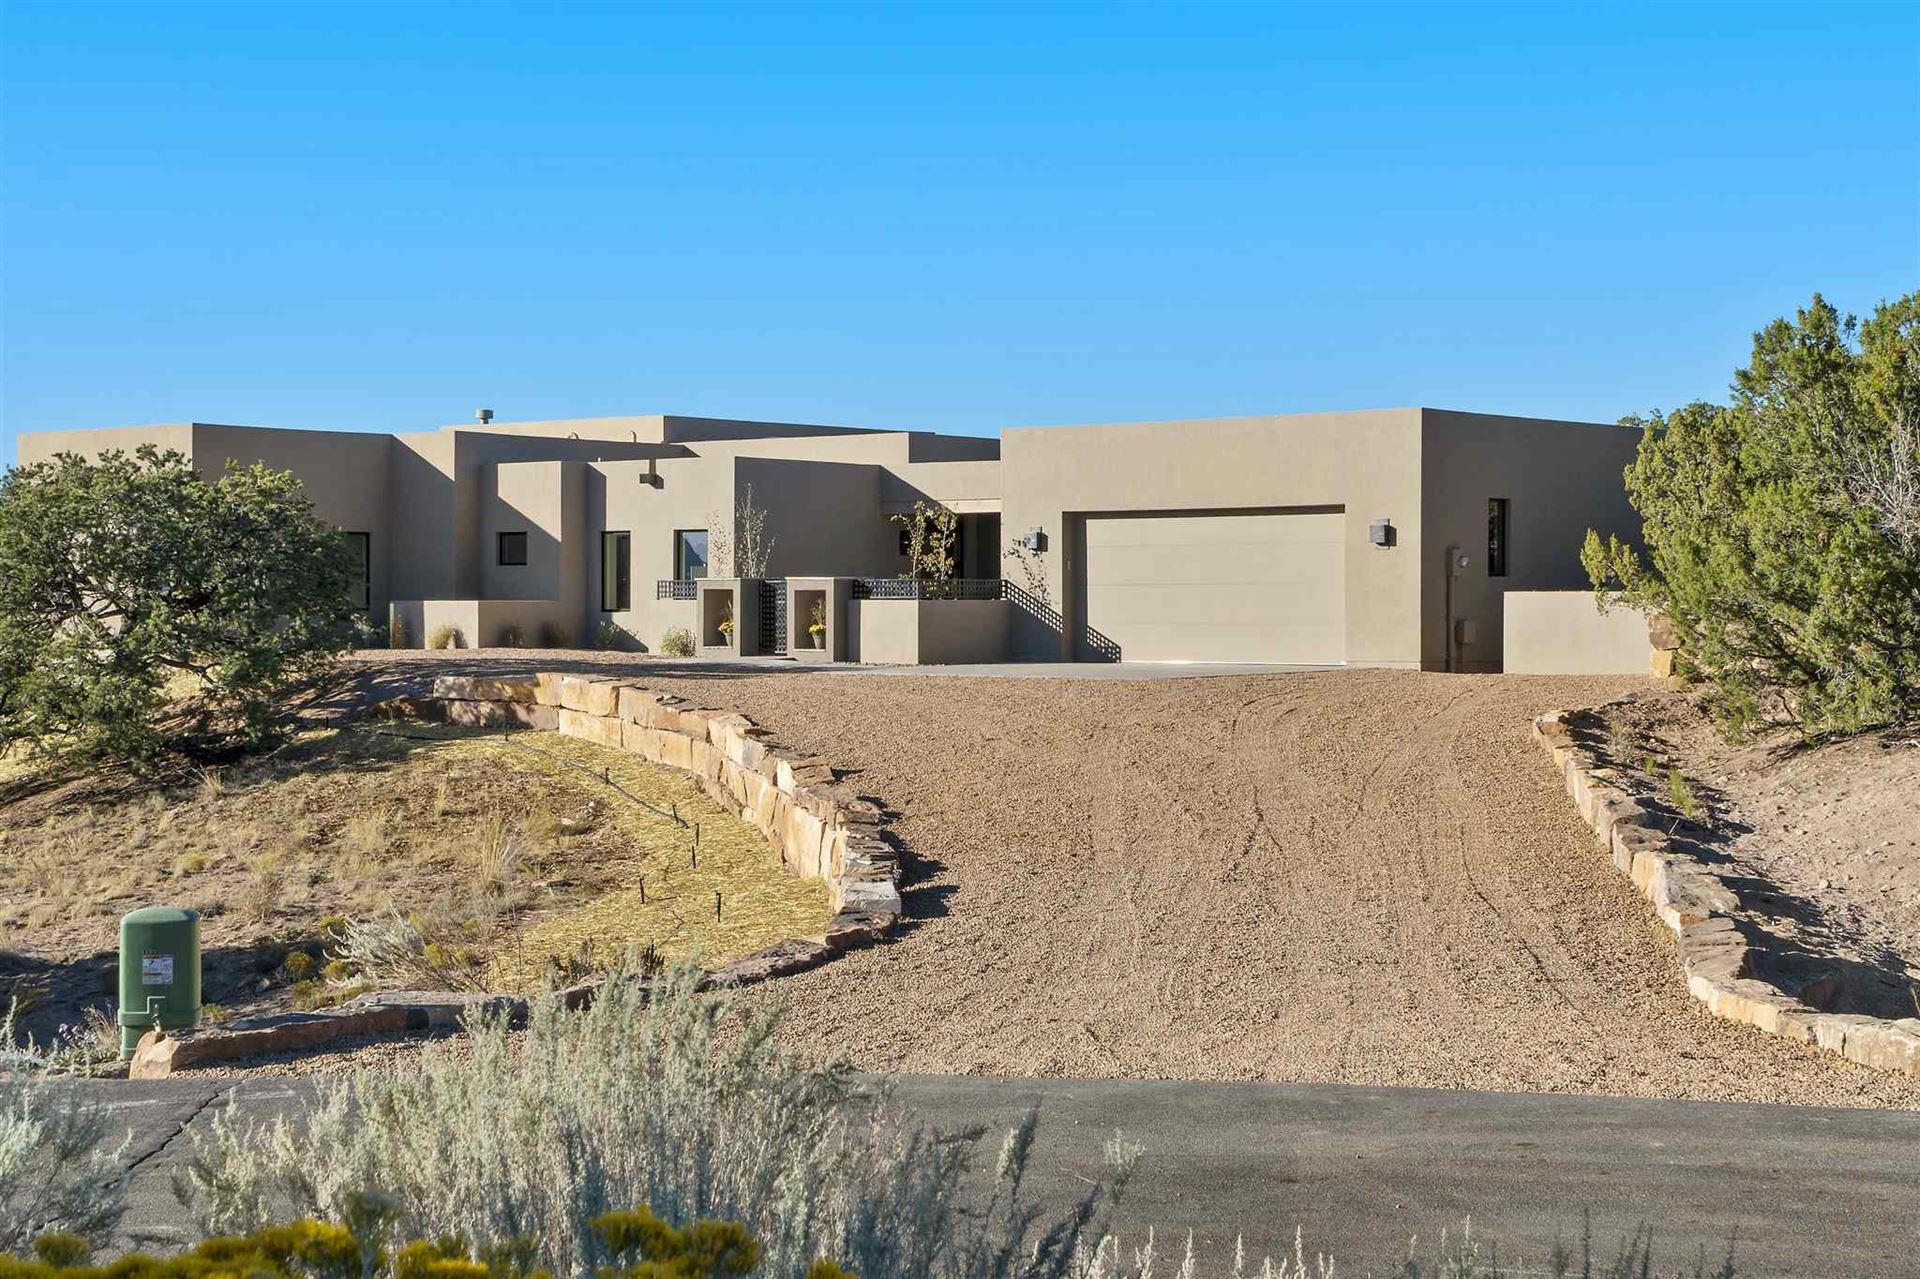 9 Zacate Verde, Santa Fe, NM 87506 - #: 202003880